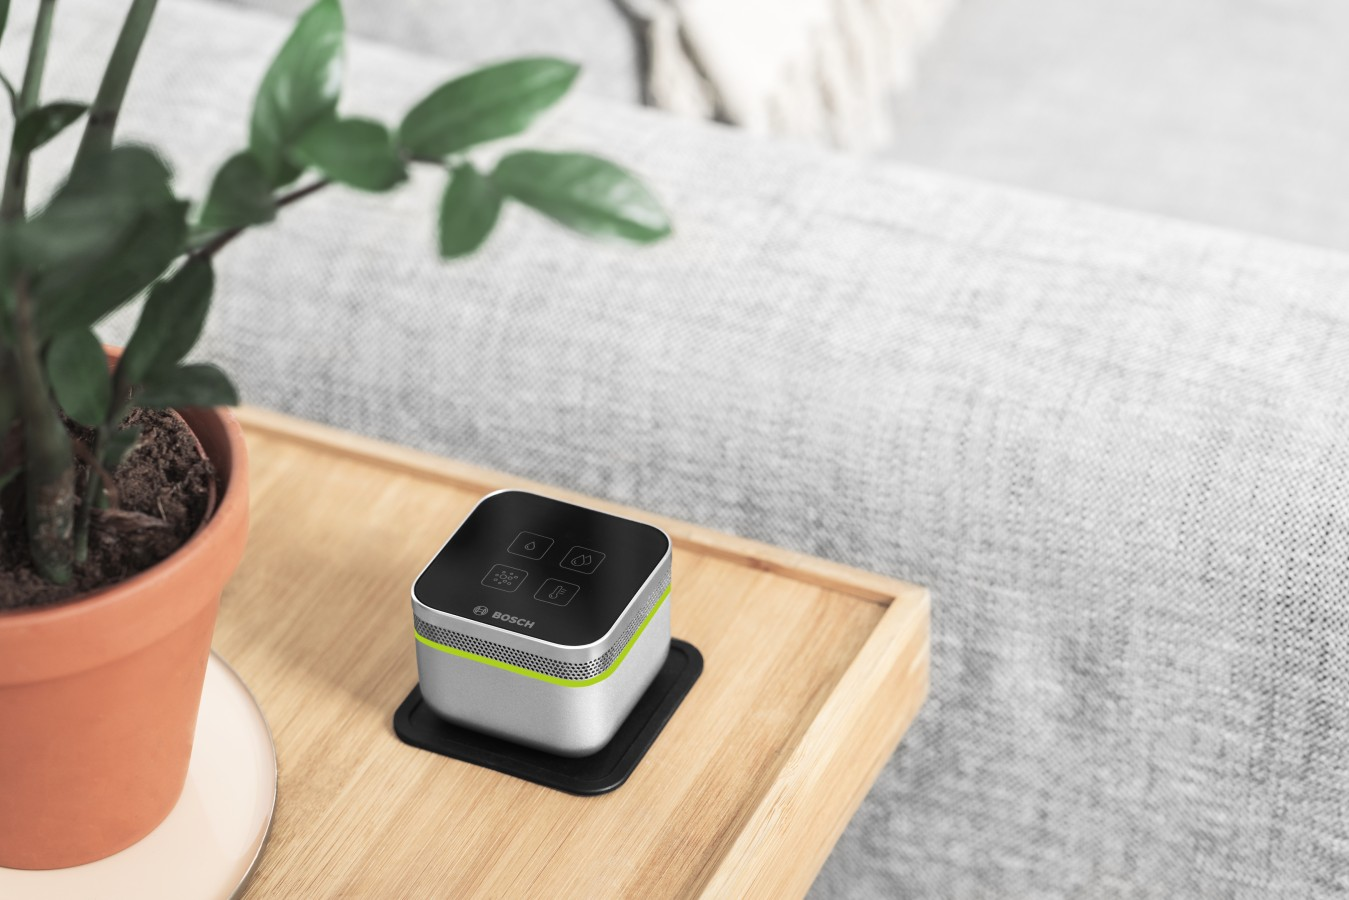 Senzor AIR pre pohodlie domova